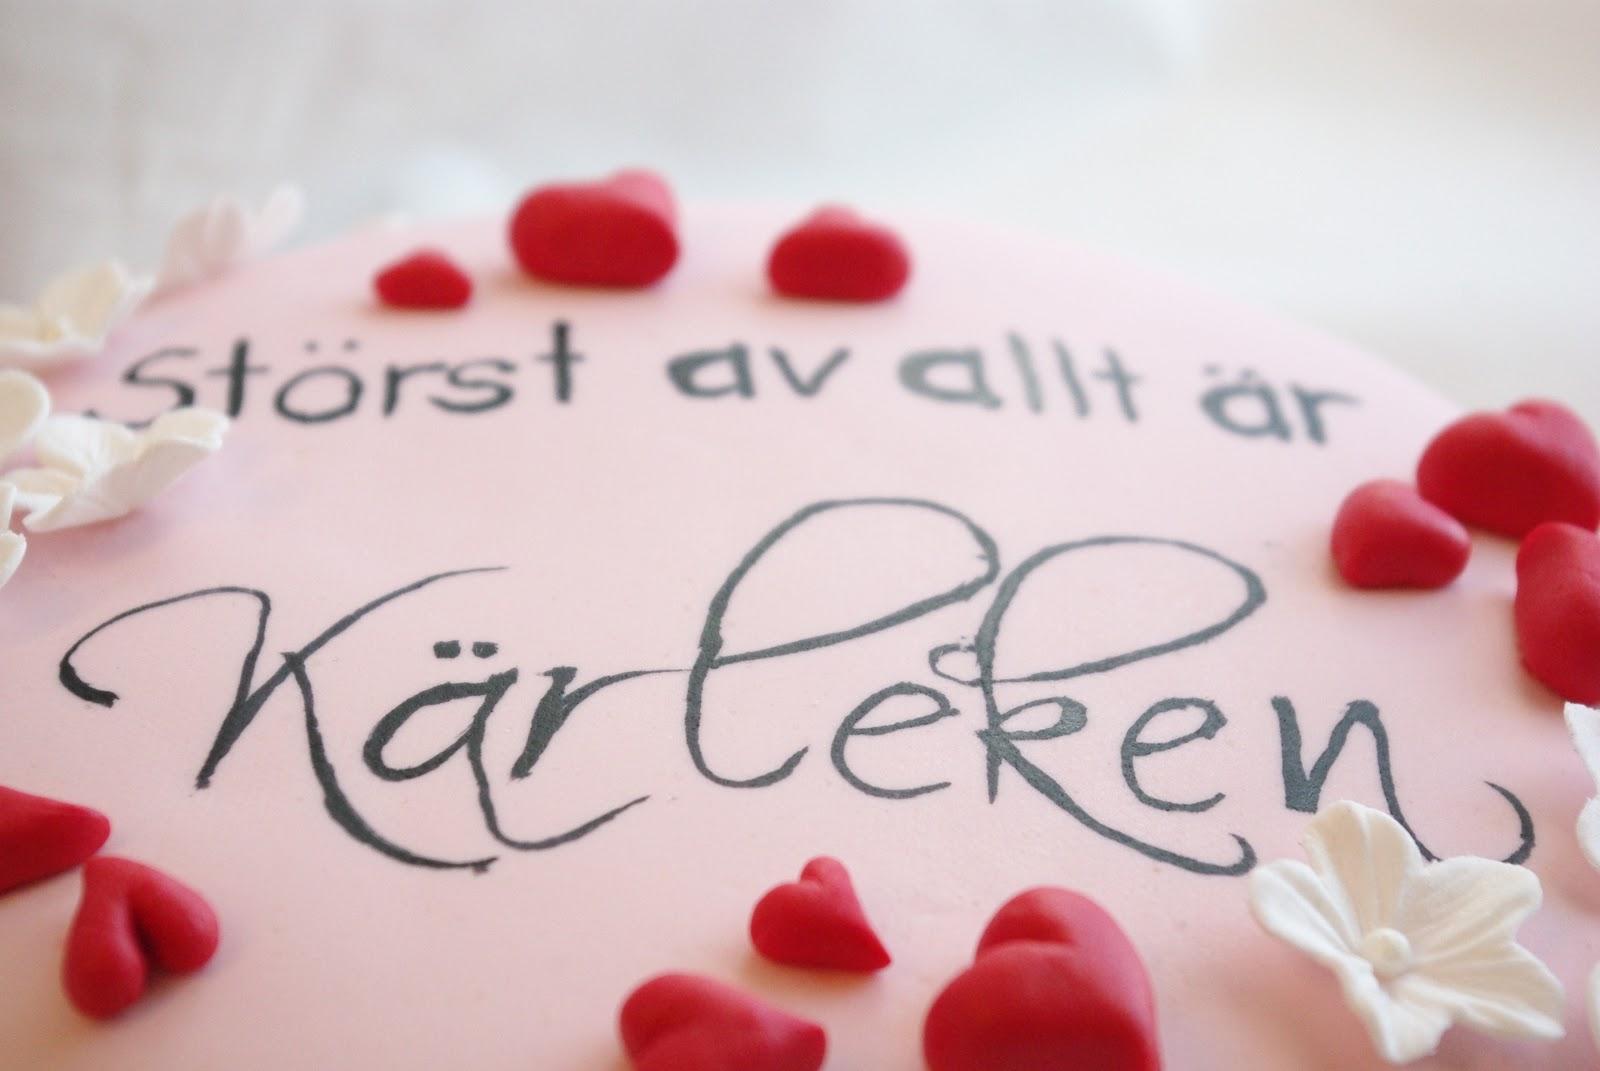 grattis på bröllopsdag Hannas a Piece of Cake: Bröllopsdag! grattis på bröllopsdag